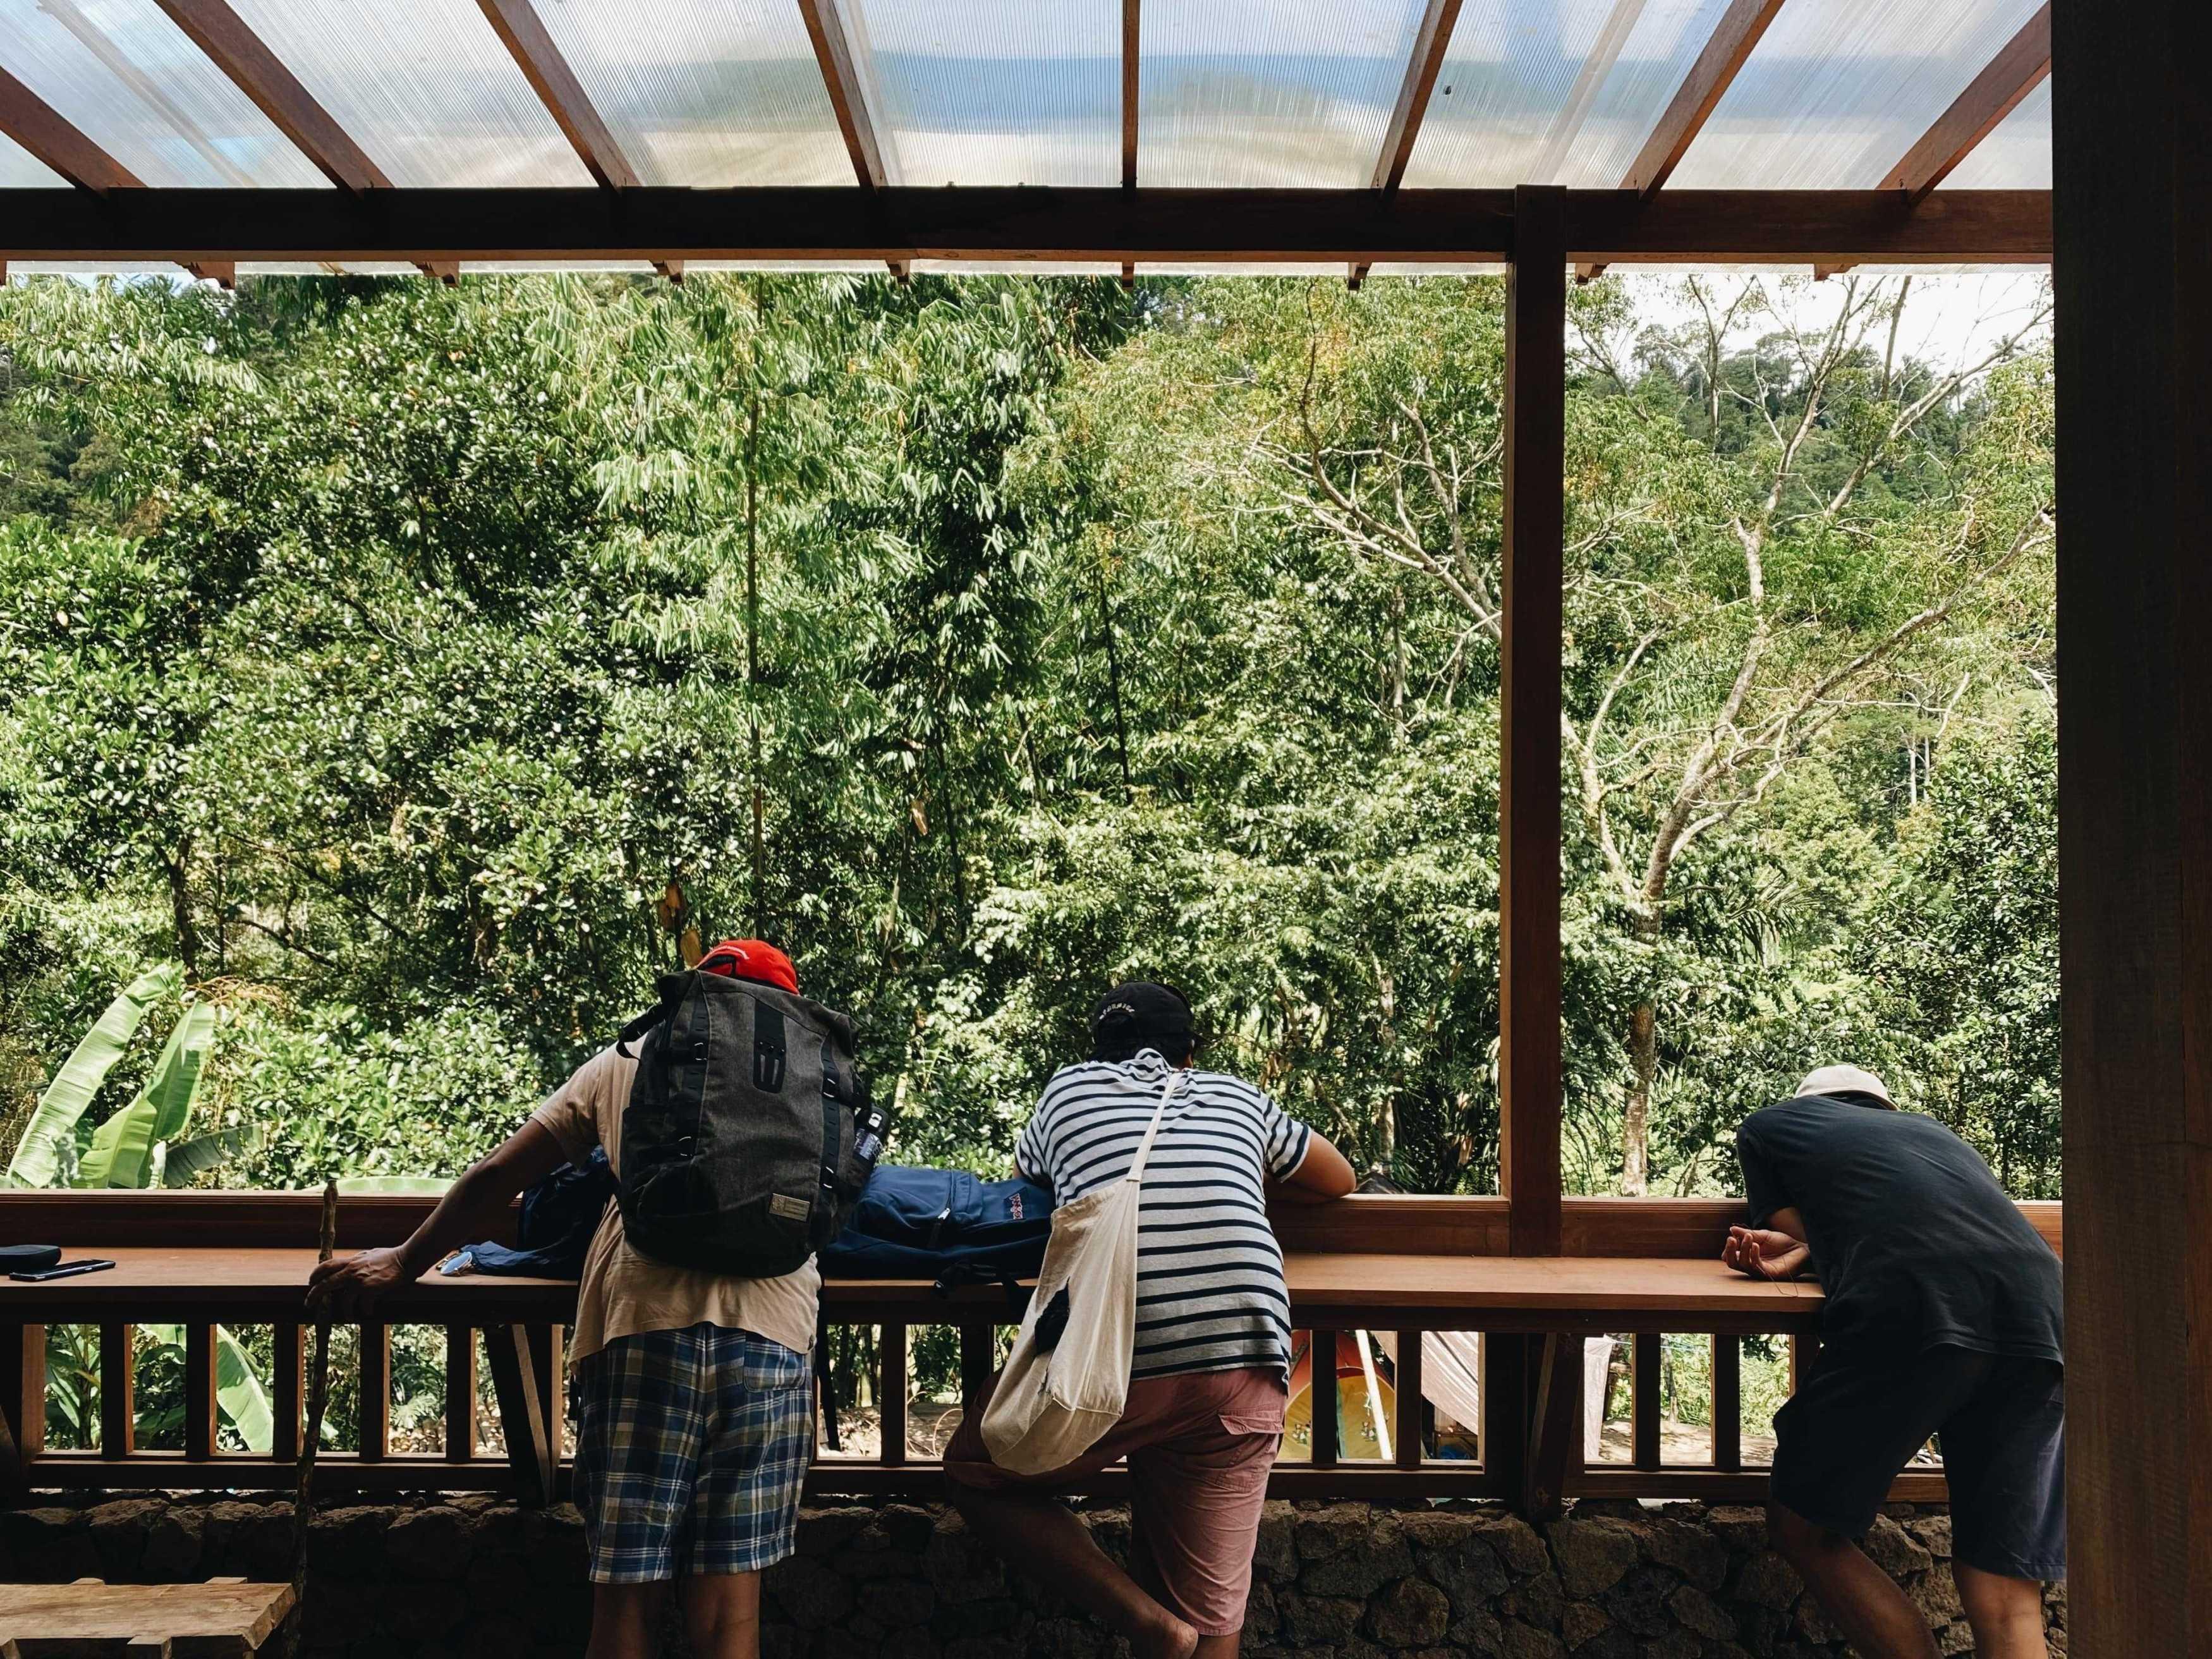 Square Meter Design Studio Plaga Eco Park Plaga, Pelaga, Petang, Kabupaten Badung, Bali, Indonesia Plaga, Pelaga, Petang, Kabupaten Badung, Bali, Indonesia Square-Meter-Design-Studio-Plaga-Eco-Park   126552